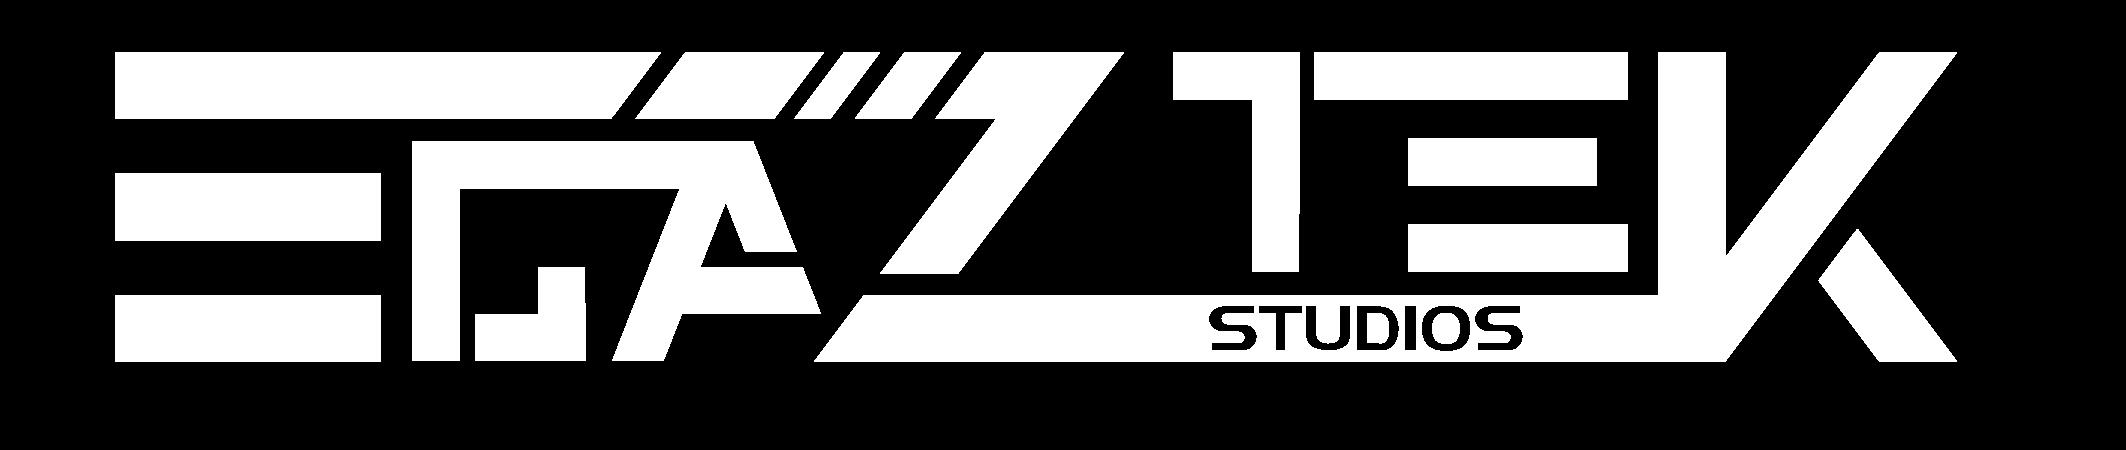 Guidelines - Elaztek Studios